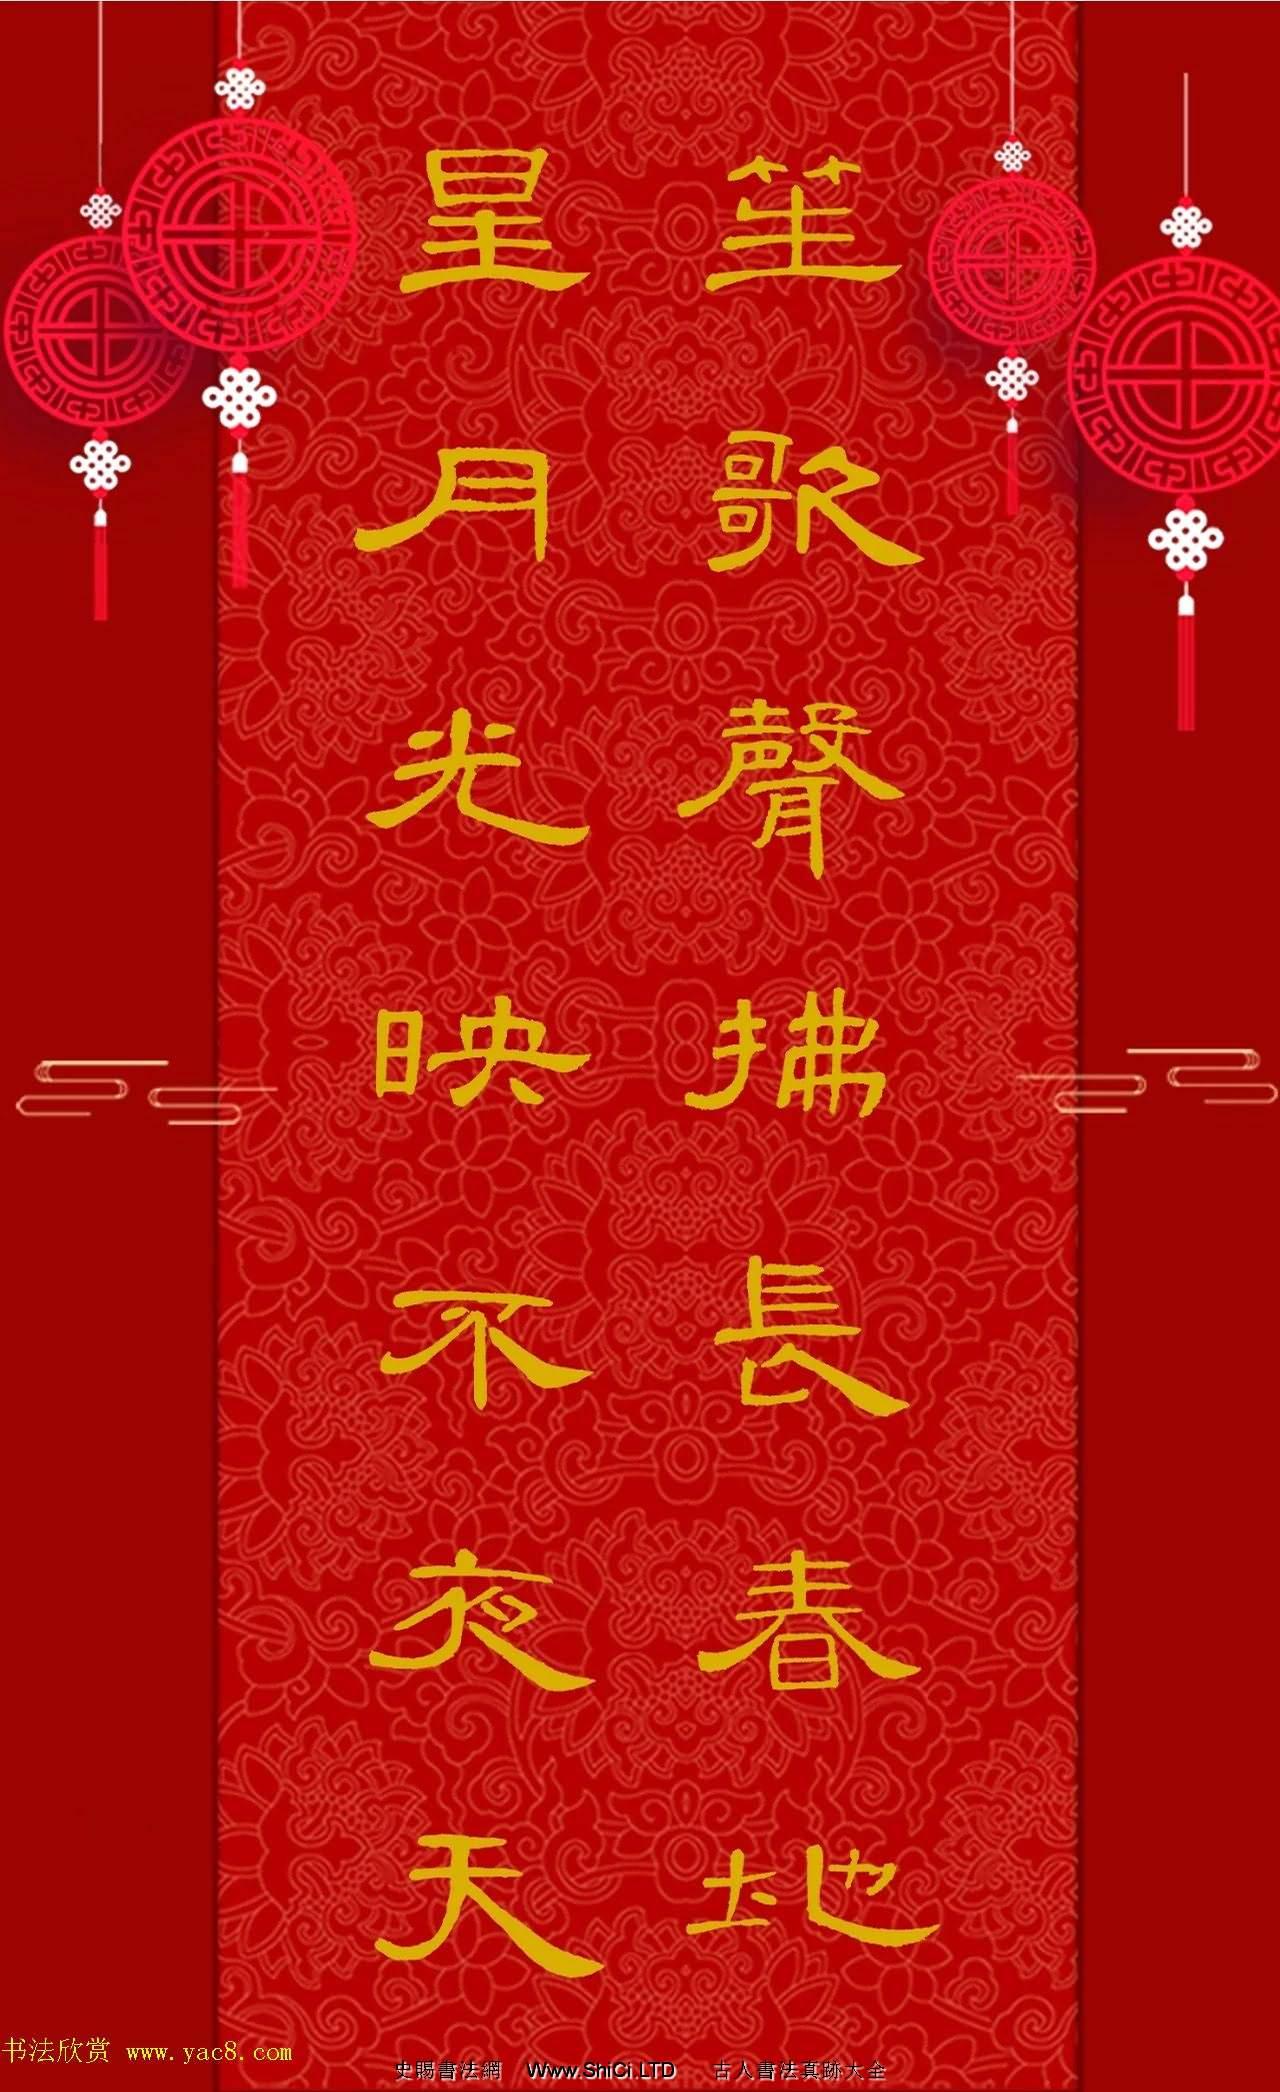 正月十五元宵節賞書法燈聯